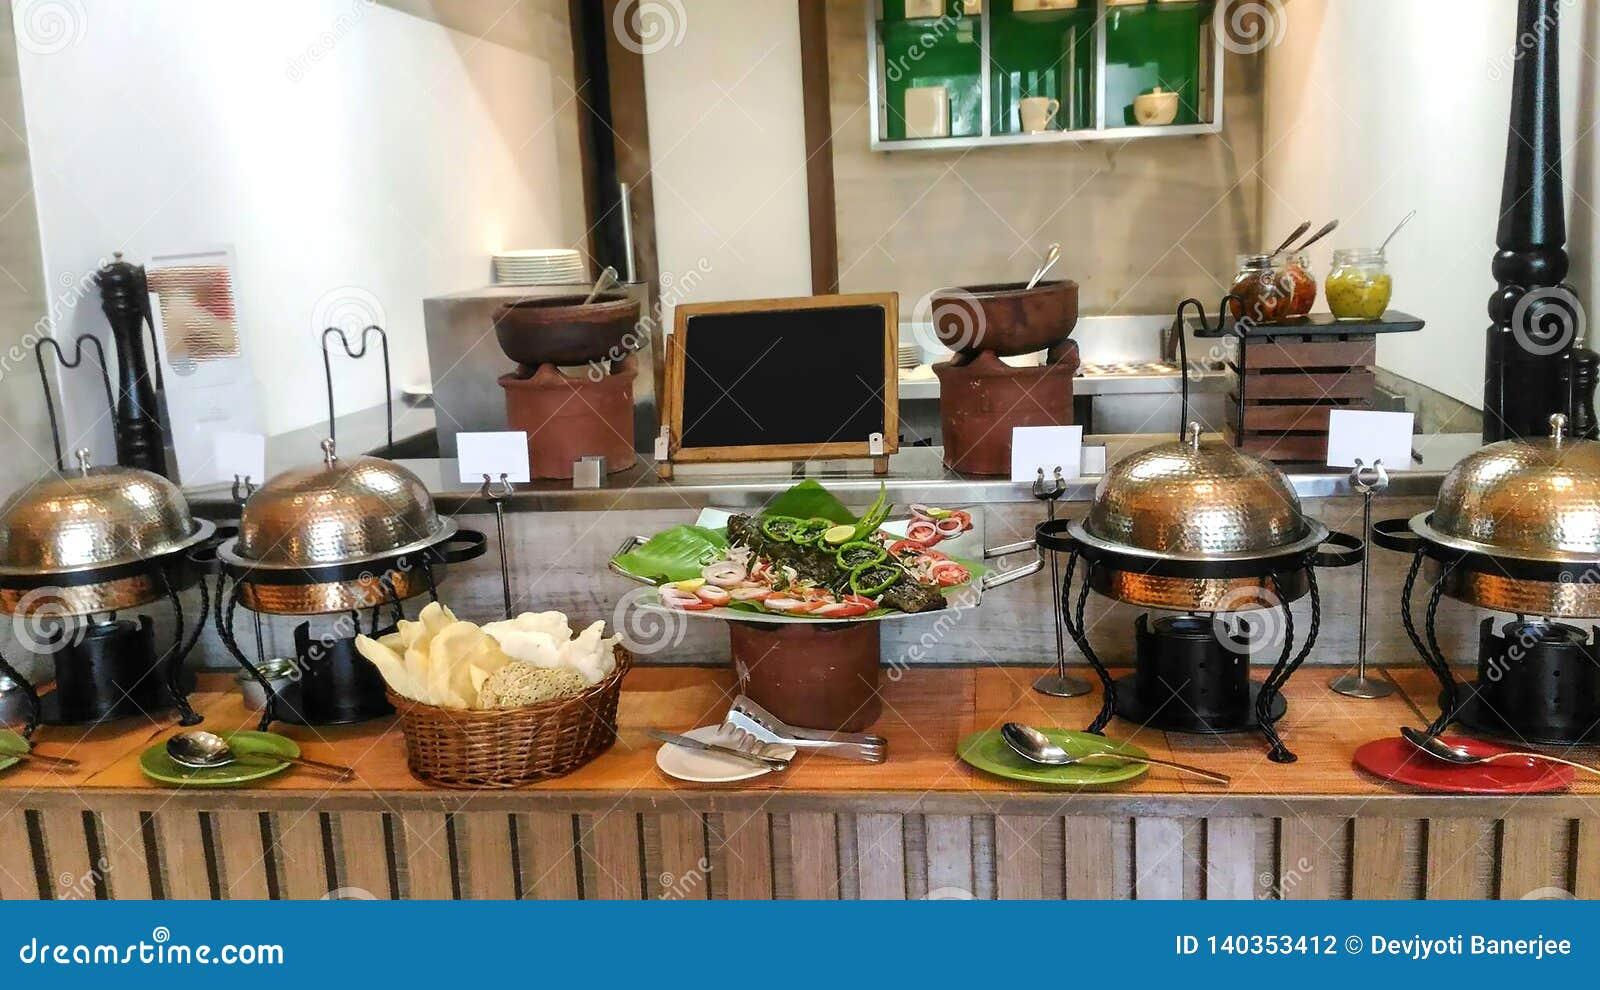 Хорошая украшенная кухня гостиницы, внутреннее художественное оформление